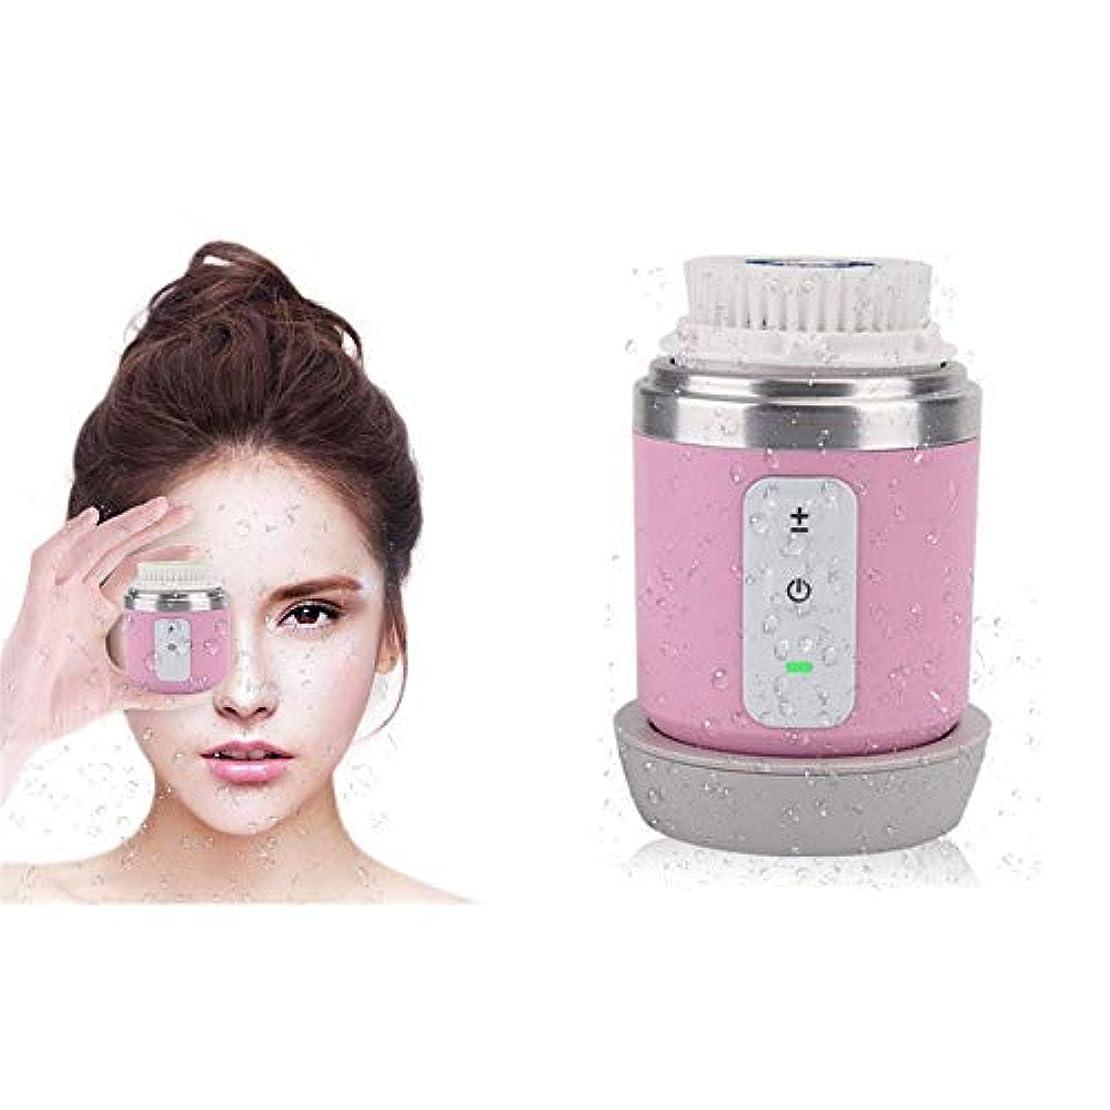 割り当てる消費者痛みフェイシャル・クレンザーブラシ、電動洗顔ブラシ、エクスフォリエイティングとブラックヘッドのためにブラックヘッドシリコーン美容インストゥルメントアプライアンスに防水クレンジング器振動クリーナー毛穴